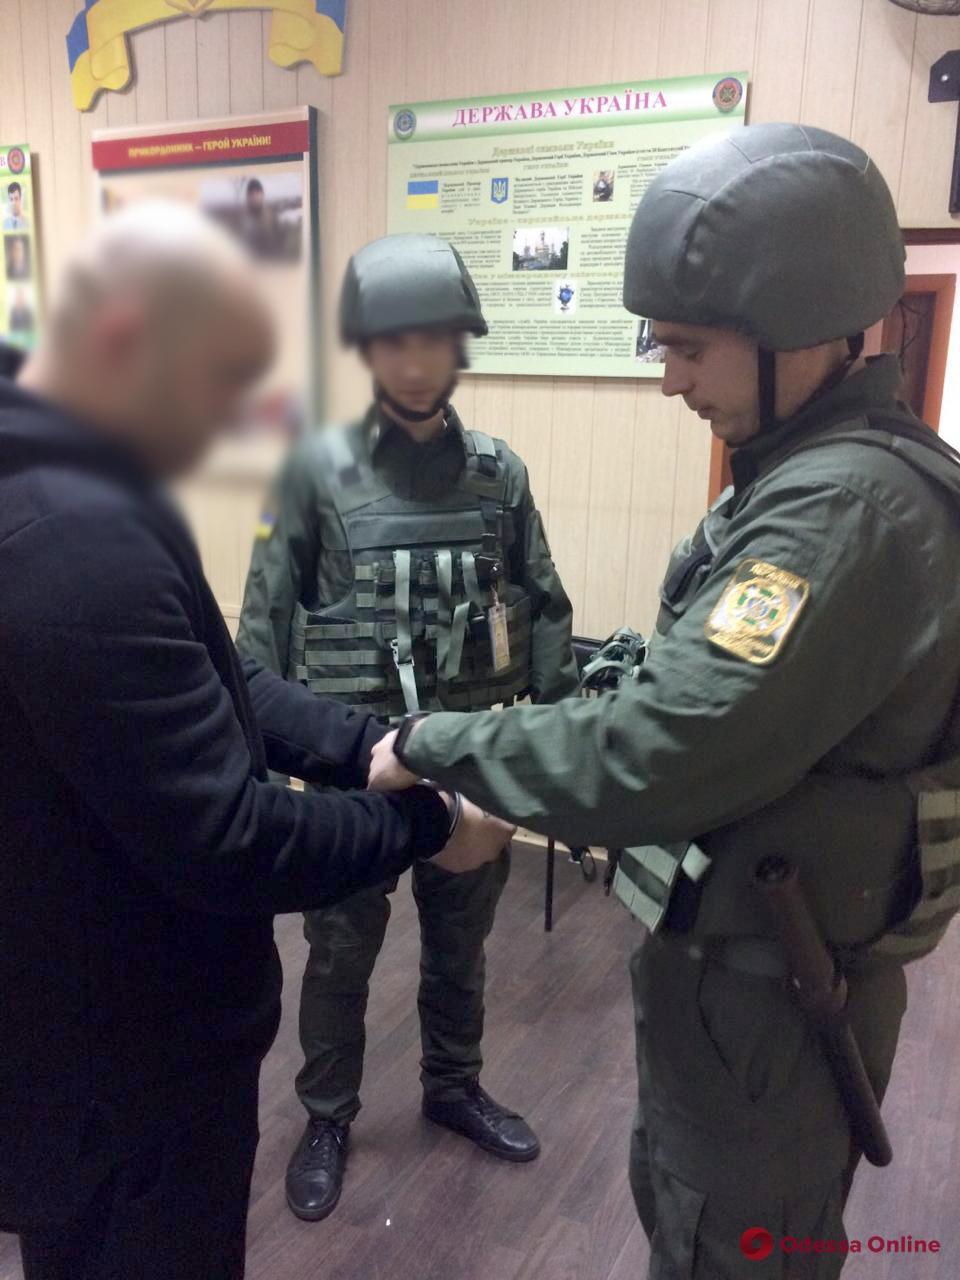 В Одесском аэропорту задержали подозреваемого в убийстве армянина